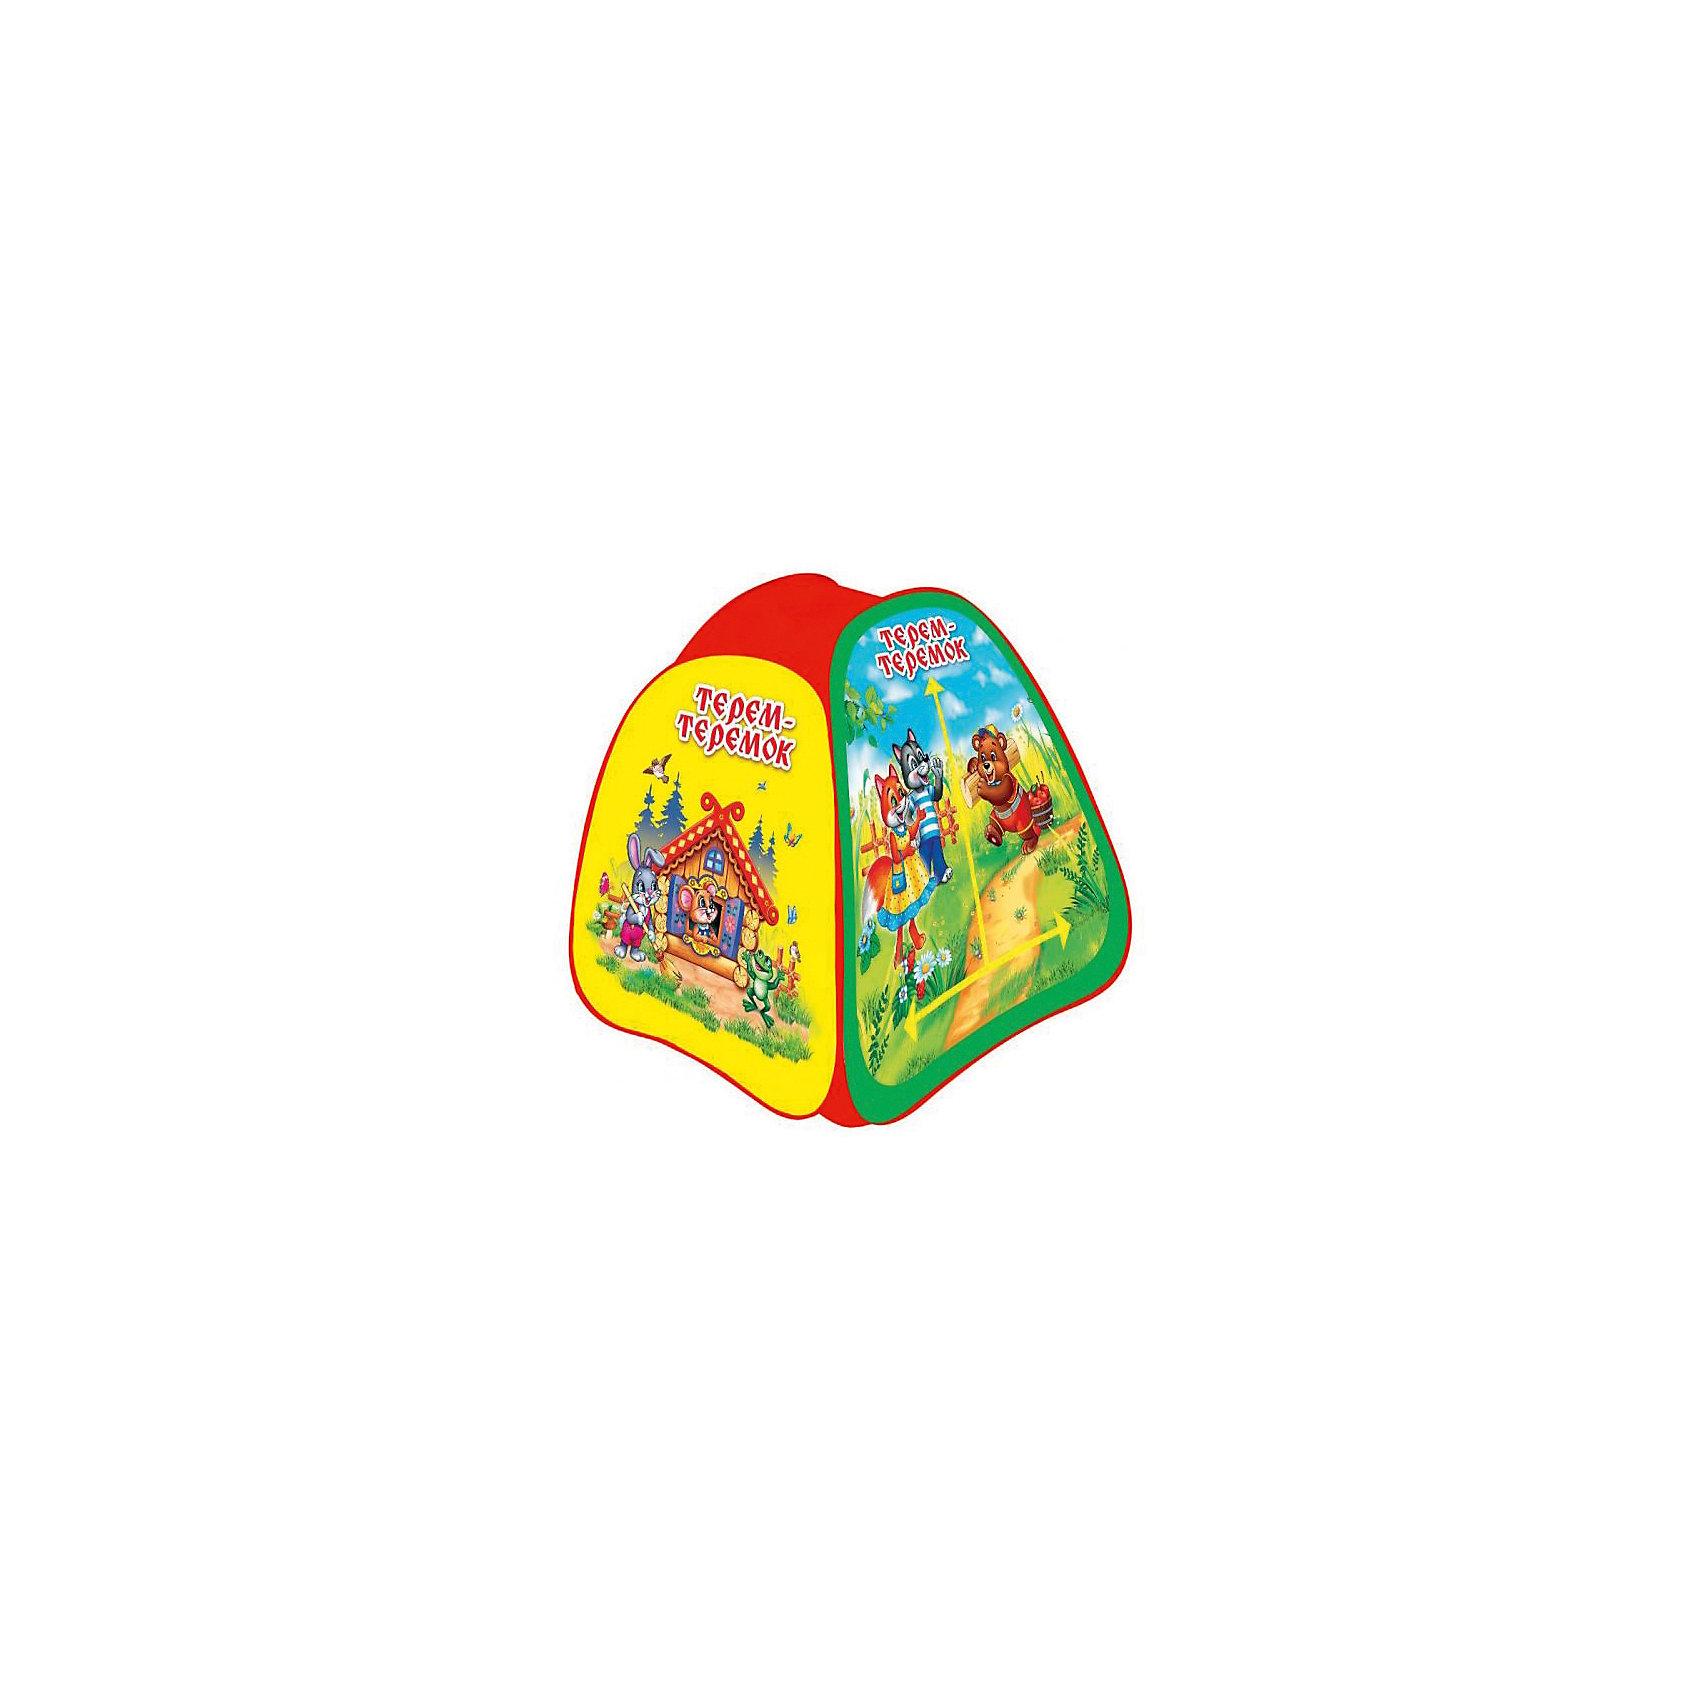 Палатка Теремок, в сумке, Играем вместеДетская игровая палатка Теремок, Играем вместе, станет чудесным подарком для Вашего ребенка. Красочная разноцветная палатка выполнена по мотивам русской народной сказки Теремок и украшена изображениями симпатичных зверюшек. Палатка оснащена дверью на липучке и окнами из сетчатого материала. Благодаря самораскладывающемуся каркасу-спирали палатка легко собирается и складывается. Этот замечательный игровой домик поможет Вашему ребенку создать свой уютный уголок для игр как в помещении, так и на улице. Палатка компактно складывается в небольшую сумочку, поэтому ее удобно брать с собой на прогулку или в поездку. Выполнена из прочного, водонепроницаемого, моющегося материала. Яркая палатка будет чудесным местом для самостоятельной игры ребёнка и отлично подойдёт для сюжетно-ролевых игр. <br><br>Дополнительная информация:<br><br>- Материал: текстиль, пластик.<br>- Размер палатки: 81 х 91 х 81 см.<br>- Размер упаковки: 37 х 37 х 3 см.<br>- Вес с упаковкой: 0,67 кг. <br><br>Детскую игровую палатку Теремок, в сумке, Играем вместе, можно купить в нашем интернет-магазине.<br><br>Ширина мм: 370<br>Глубина мм: 370<br>Высота мм: 30<br>Вес г: 670<br>Возраст от месяцев: 36<br>Возраст до месяцев: 120<br>Пол: Унисекс<br>Возраст: Детский<br>SKU: 4546560